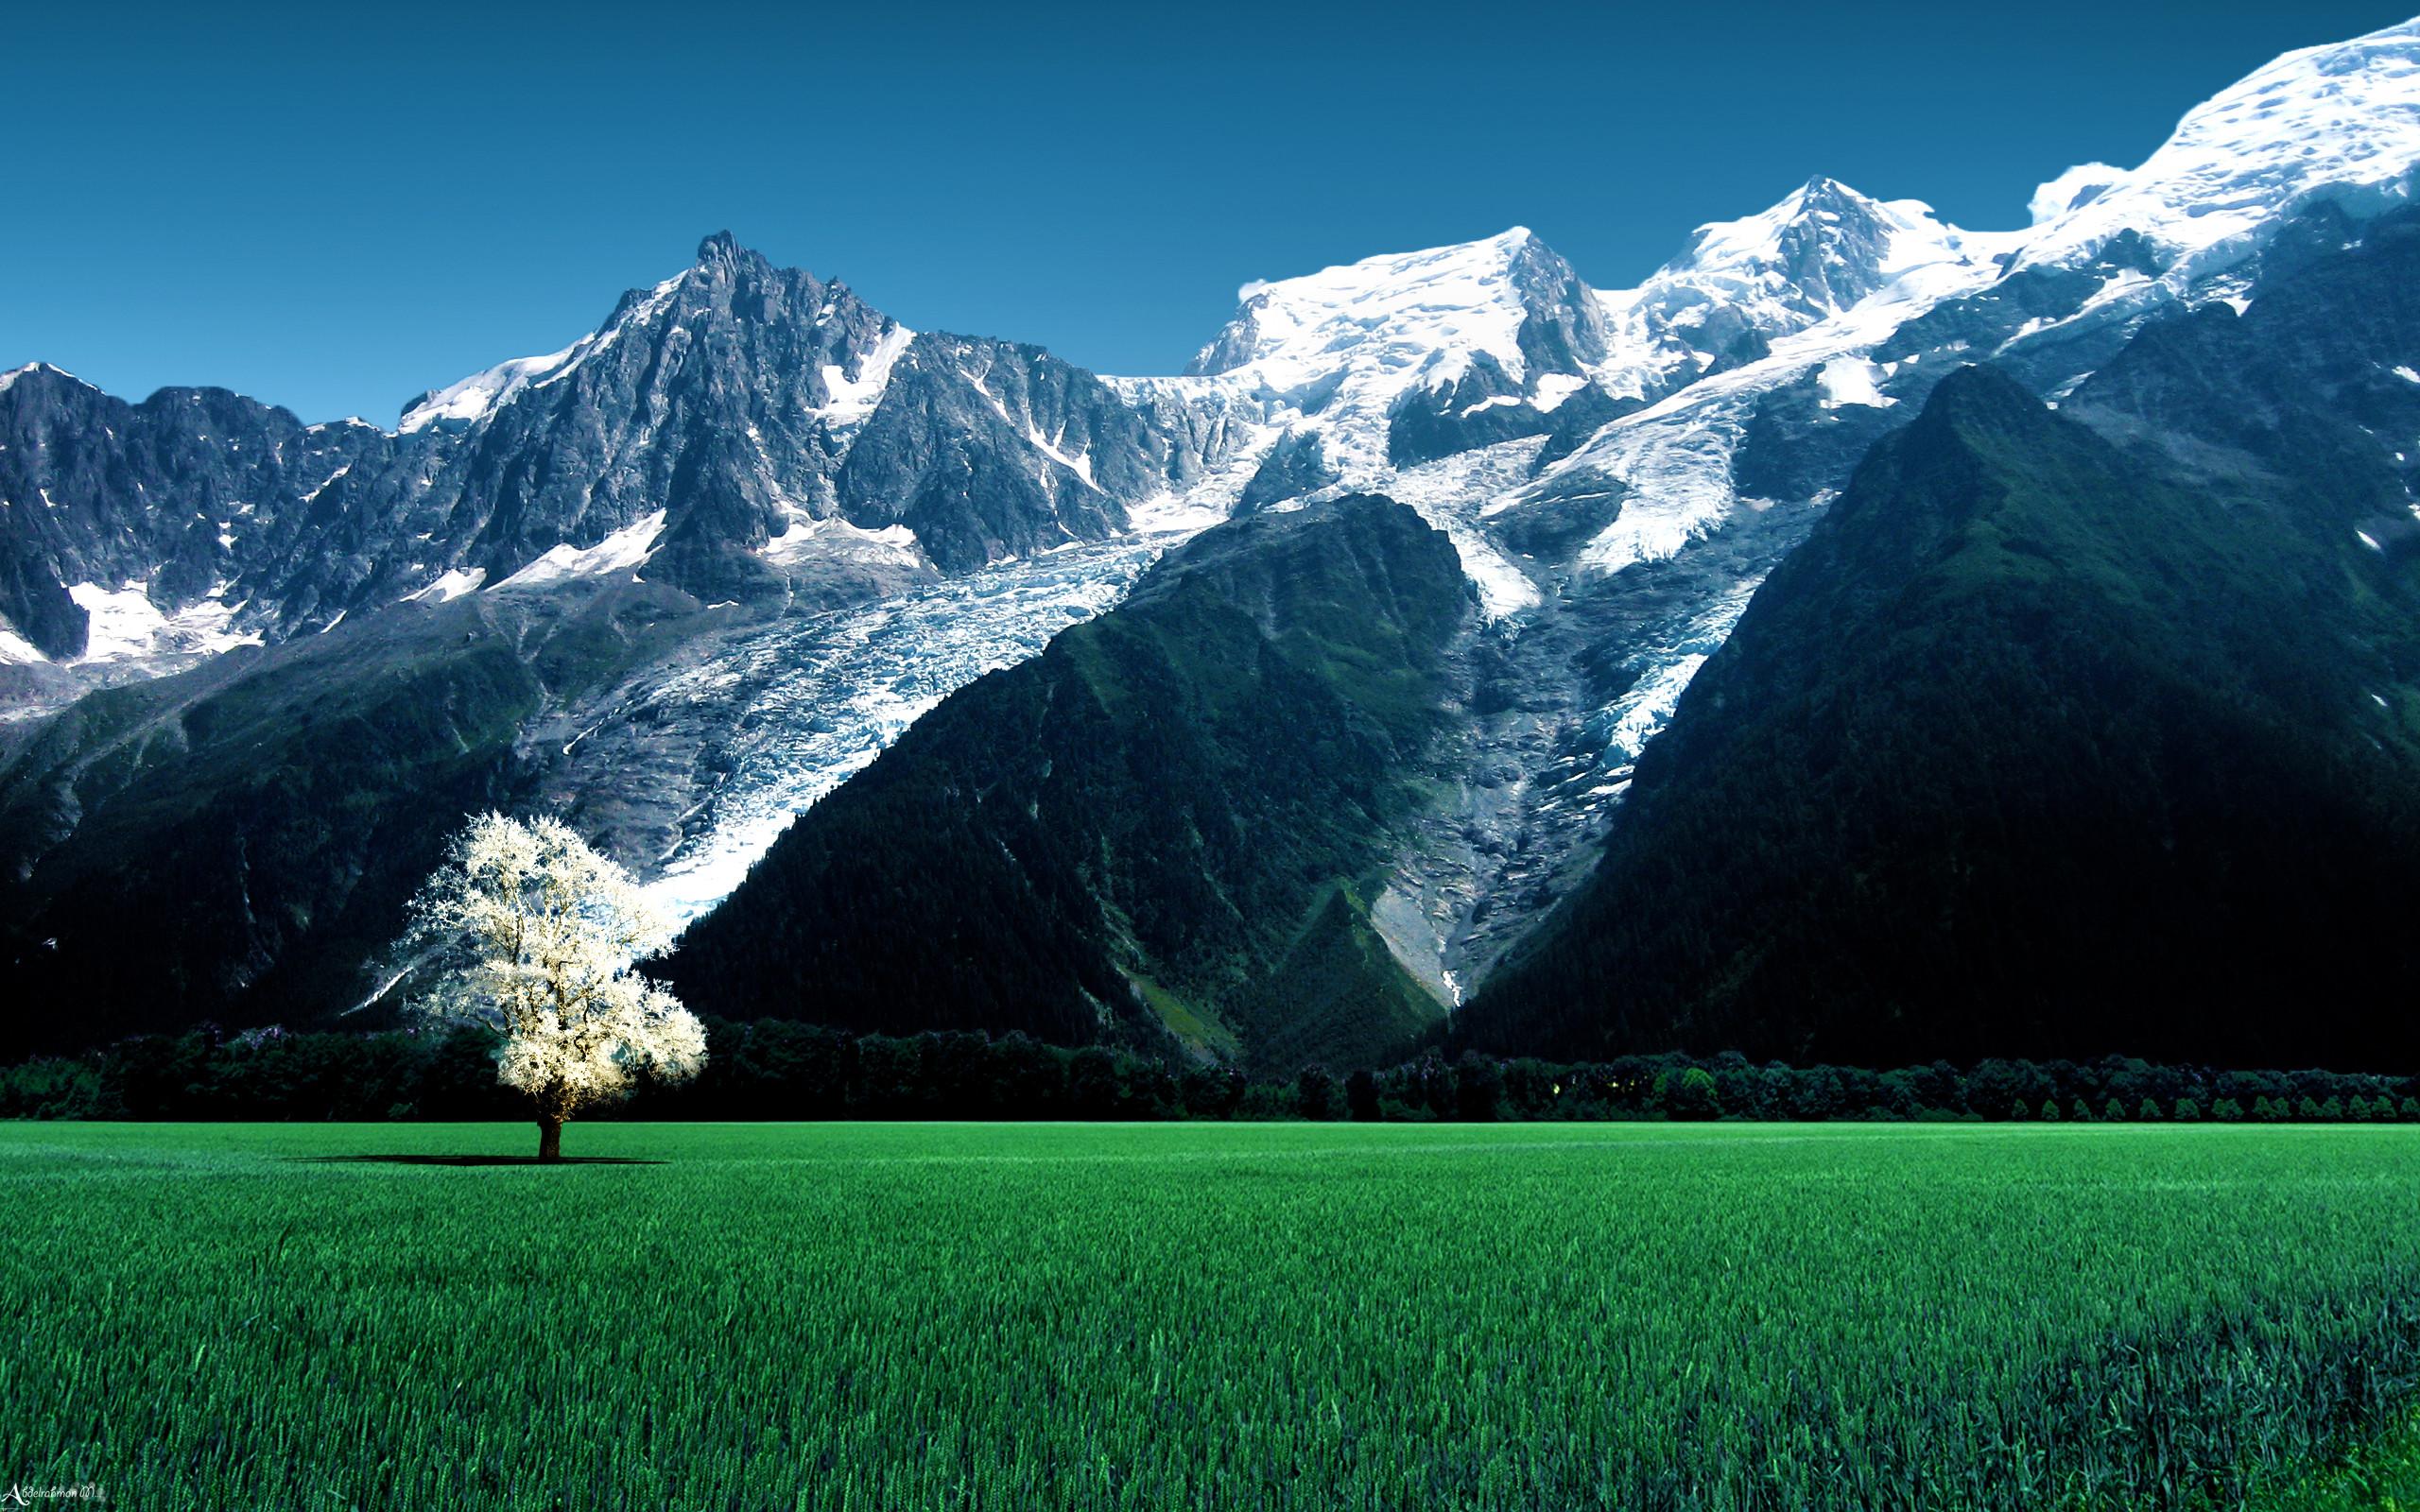 Res: 2560x1600, Glacier Wallpaper 26 - 2560 X 1600